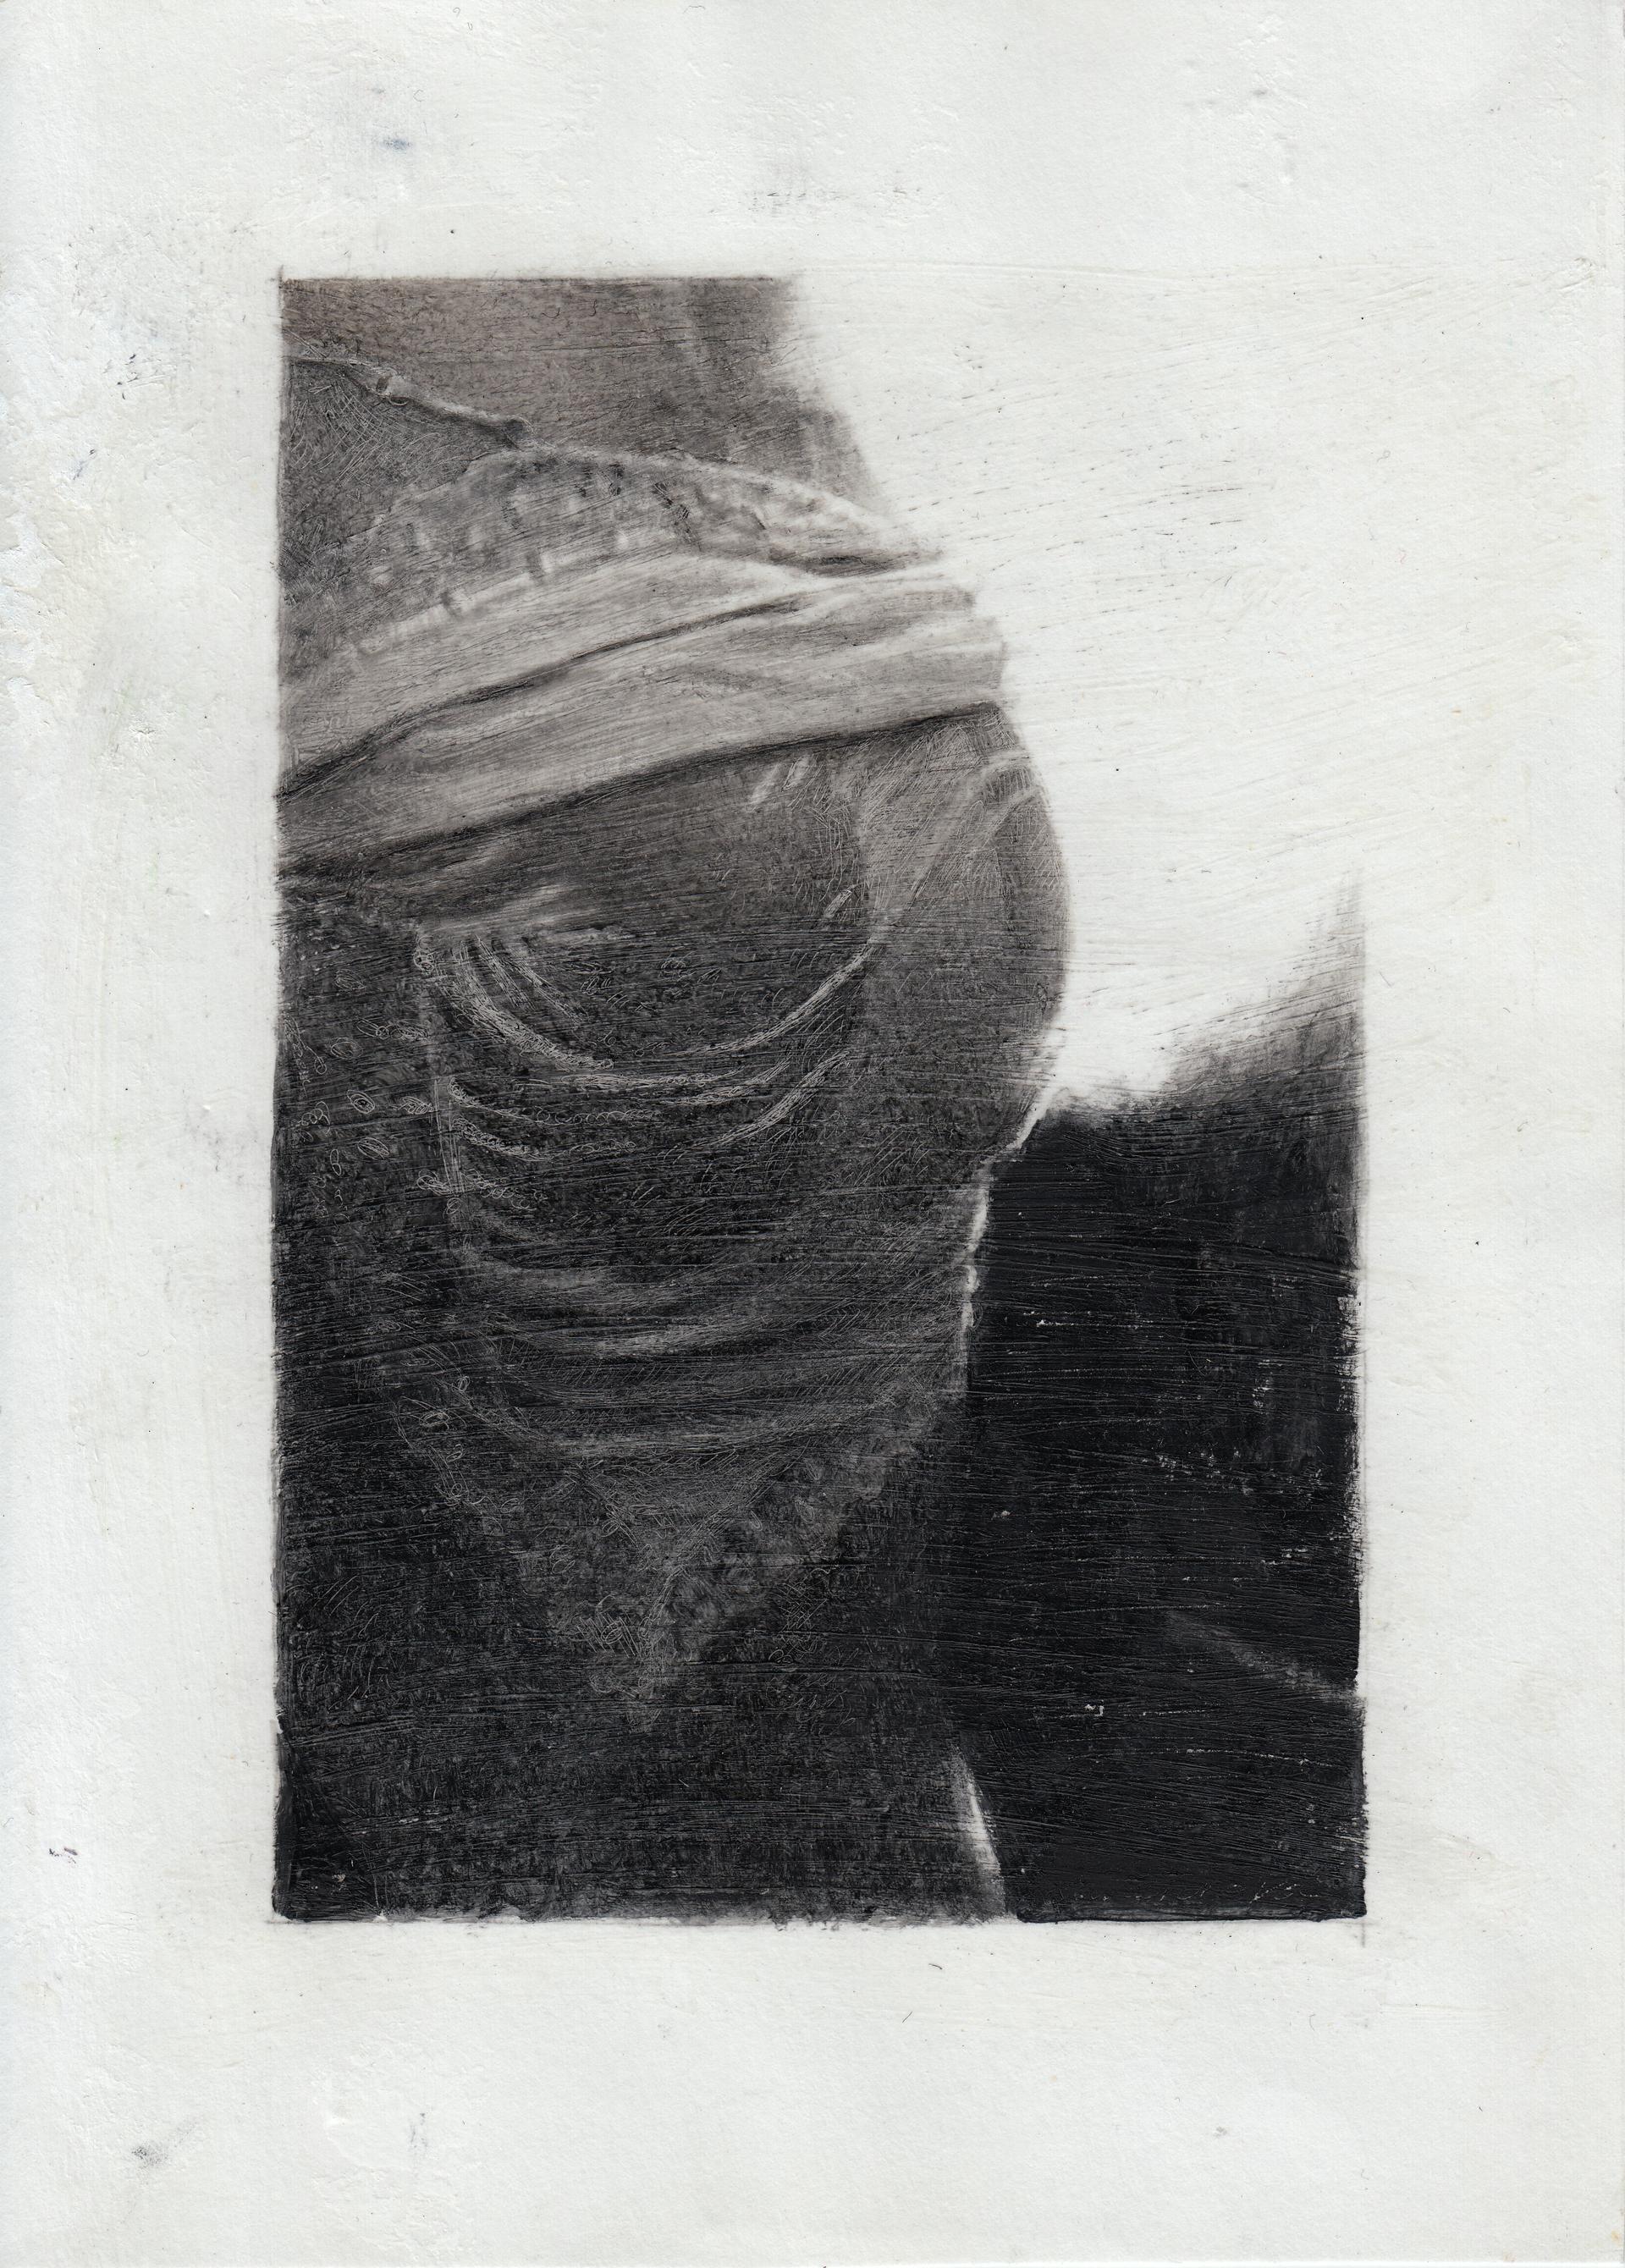 Eve 3 by Viktoria Savenkova